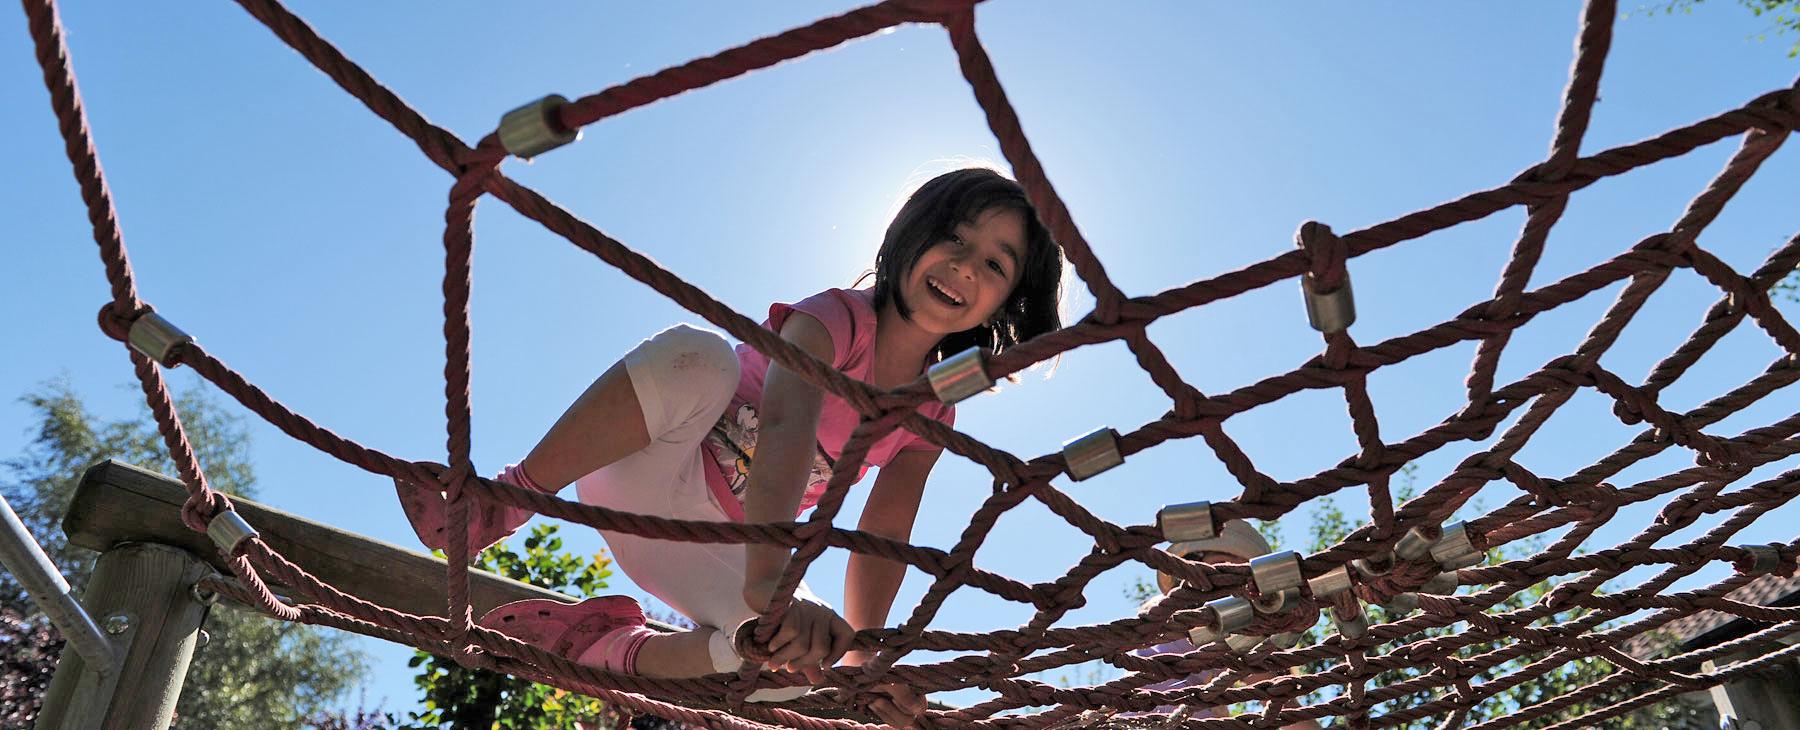 Mädchen auf dem Spielplatz